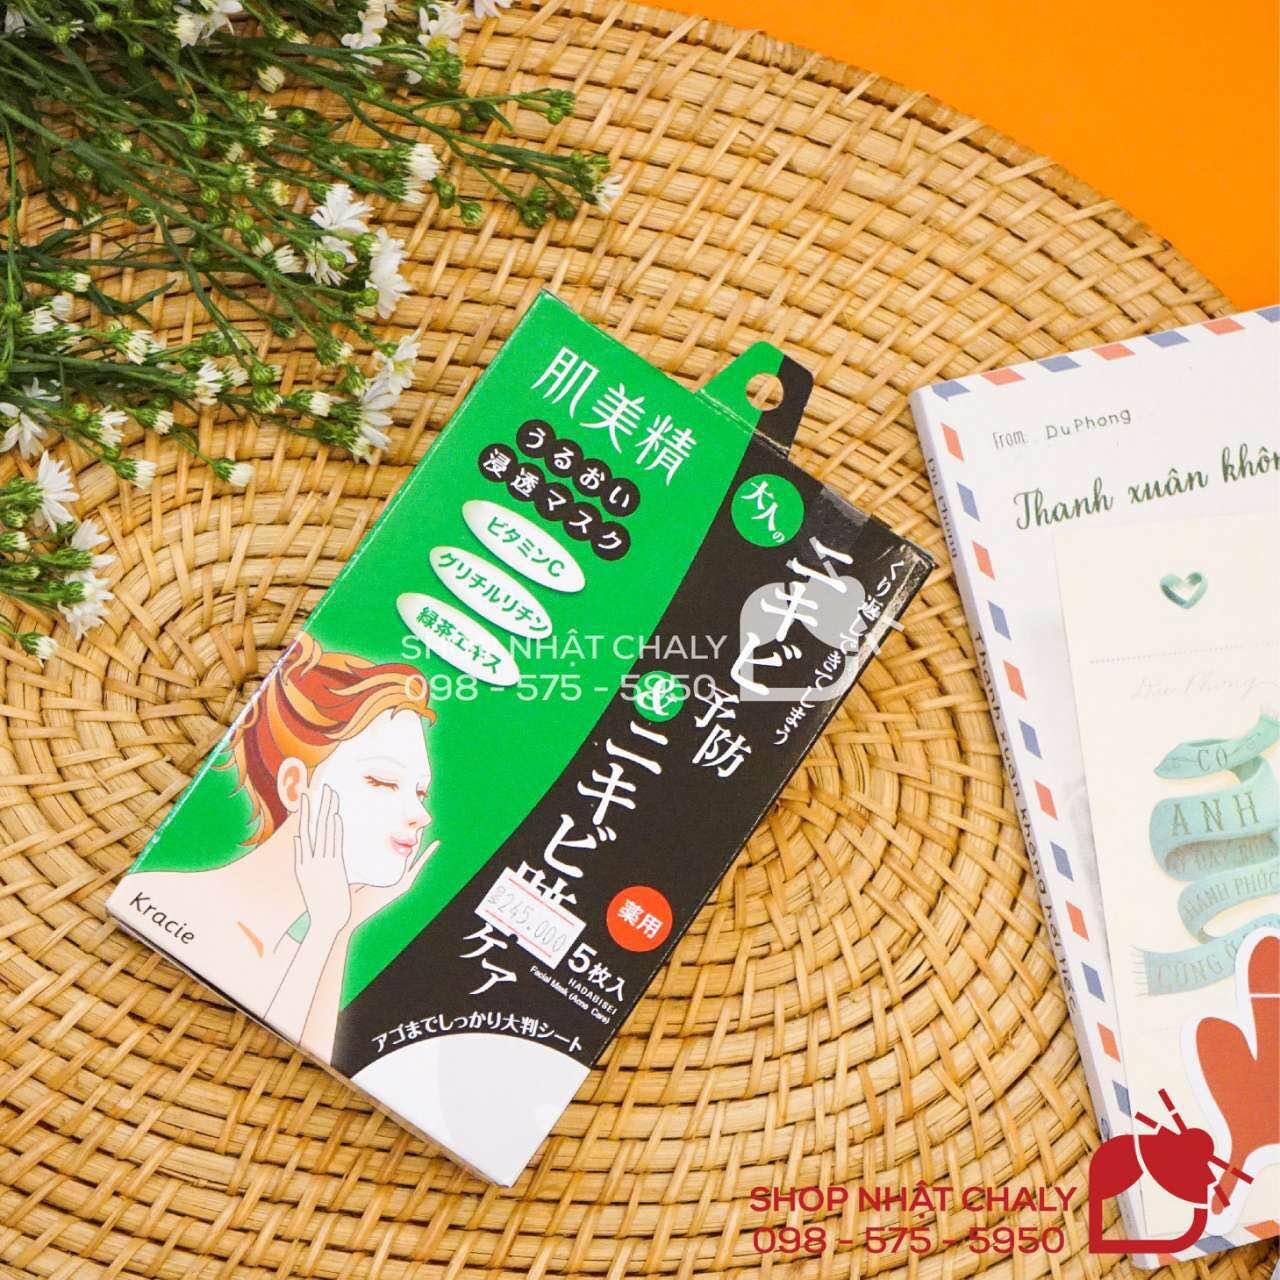 Mặt nạ thảo dược Kracie Hadabisei của Nhật là siêu phẩm mặt nạ số 1 cho da nhờn mụn, vừa trị mụn, điều tiết dầu lại dưỡng trắng da đồng thời